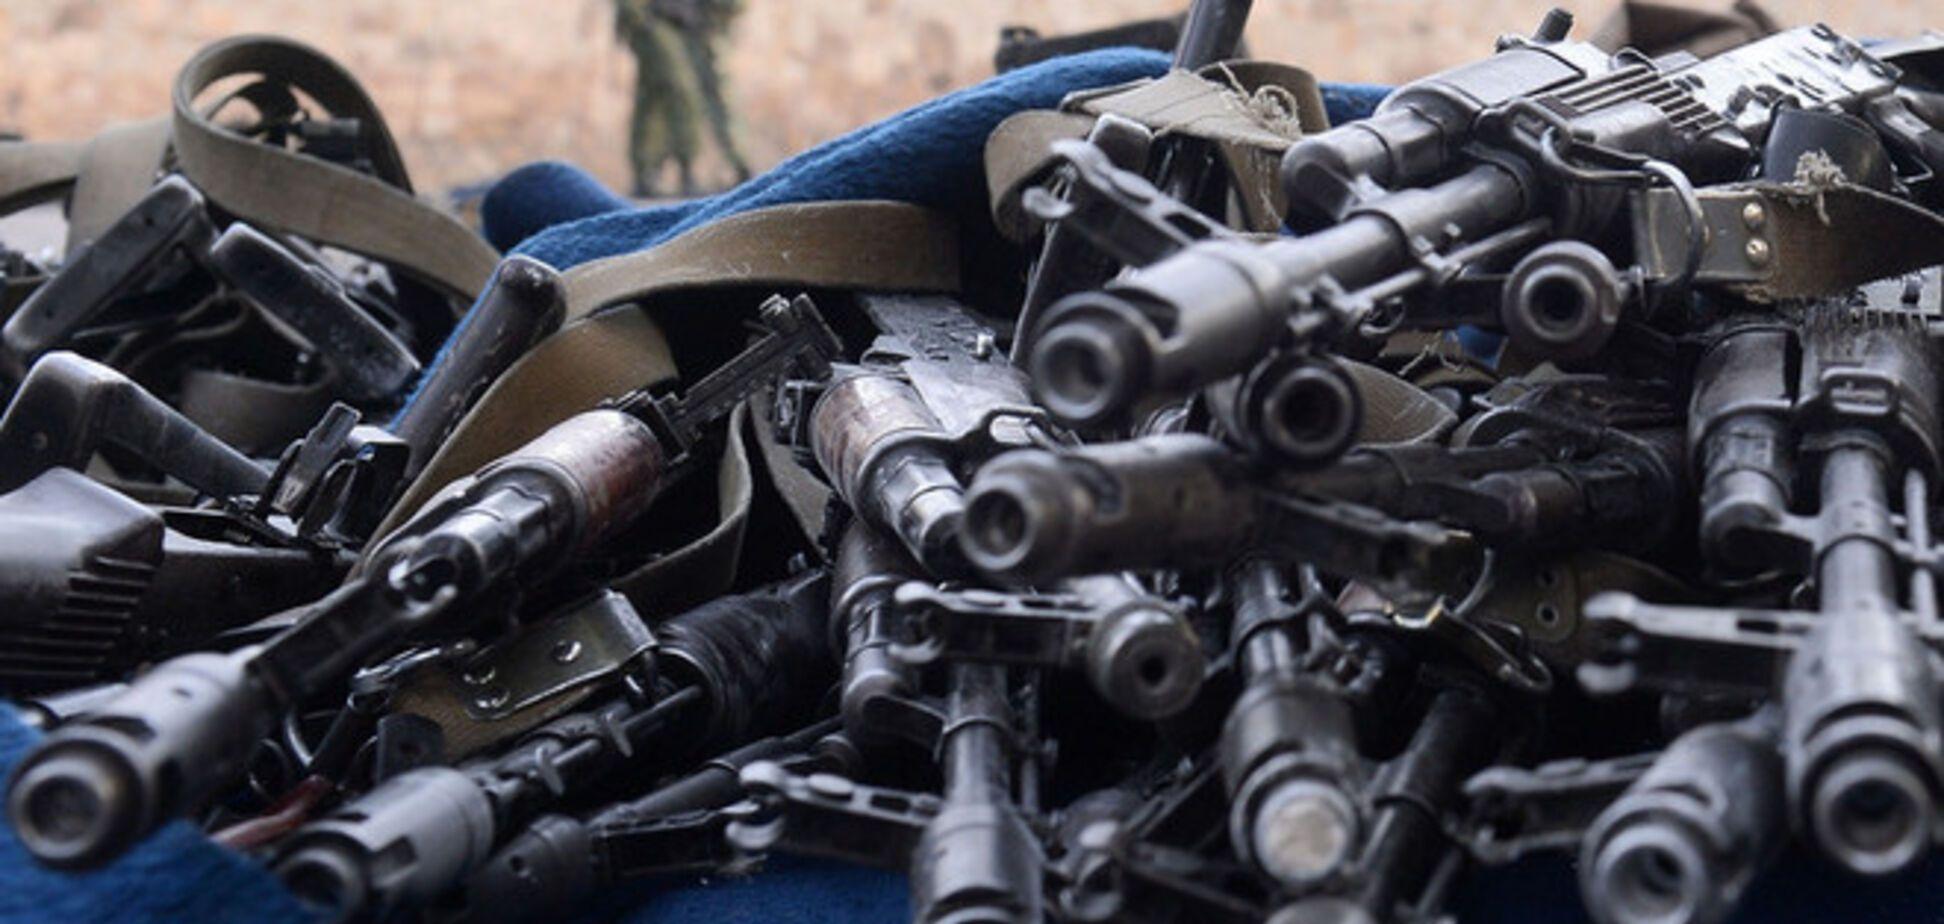 Бойцов волынского батальона 'Свитязь' подозревают в загадочной потере арсенала оружия